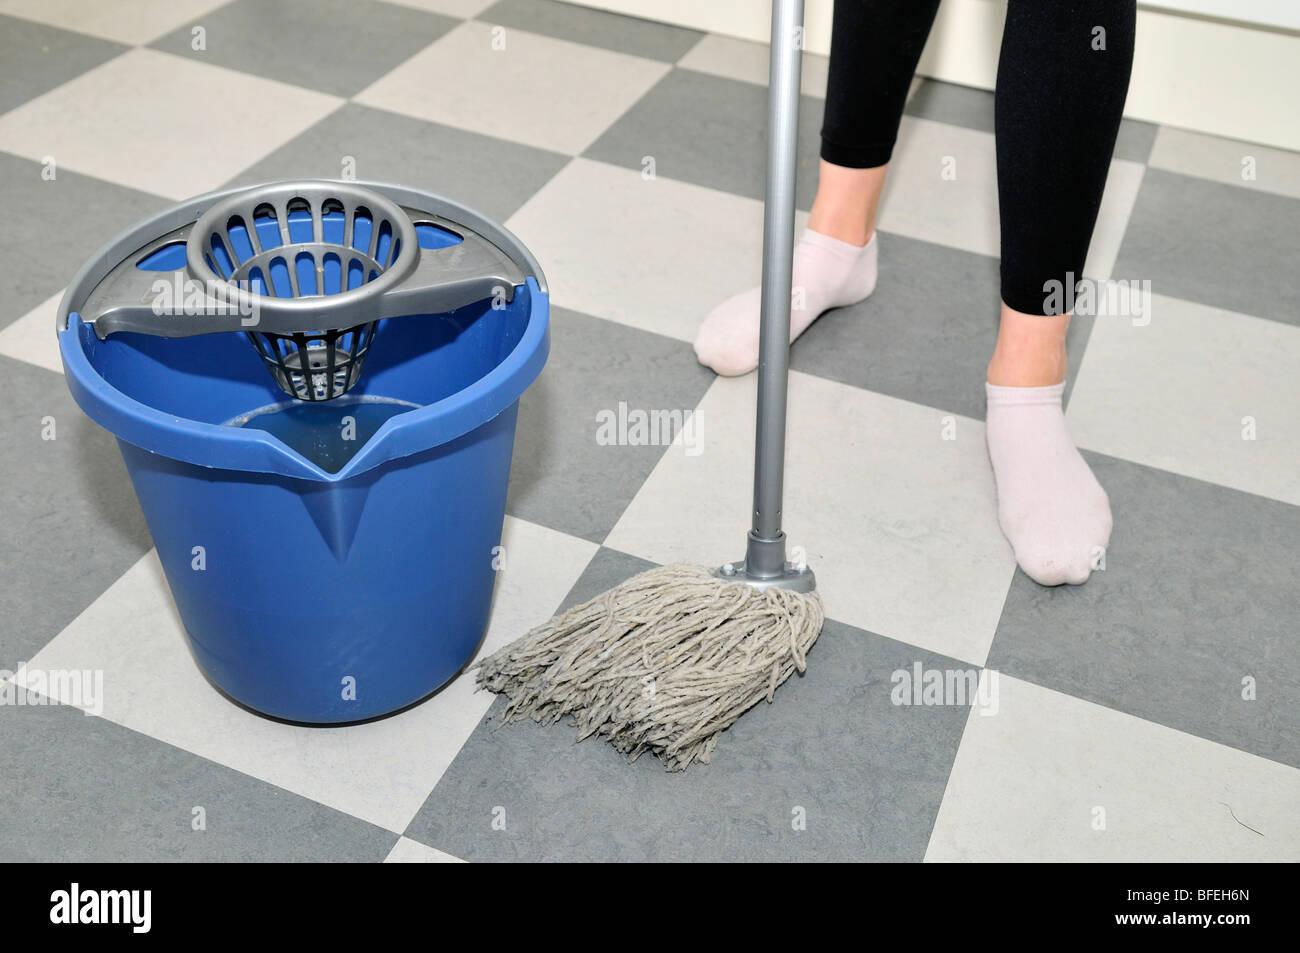 Fußboden Wischen ~ Jemand einen fußboden wischen stockfoto bild: 26751053 alamy